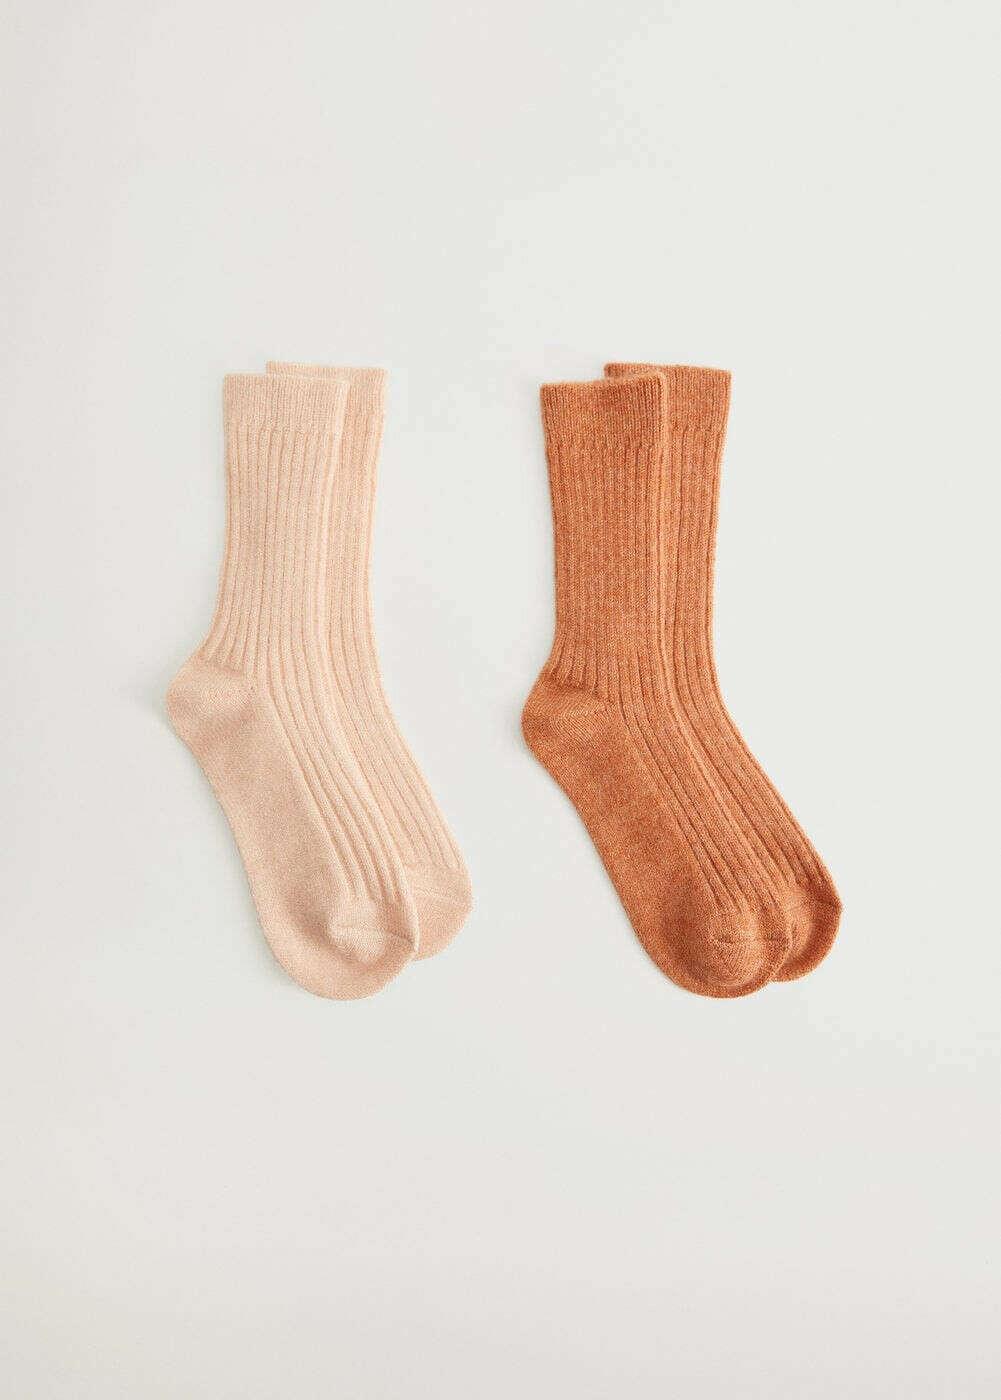 Две пары носков в рубчик -  Женская | Mango МАНГО Россия (Российская Федерация)